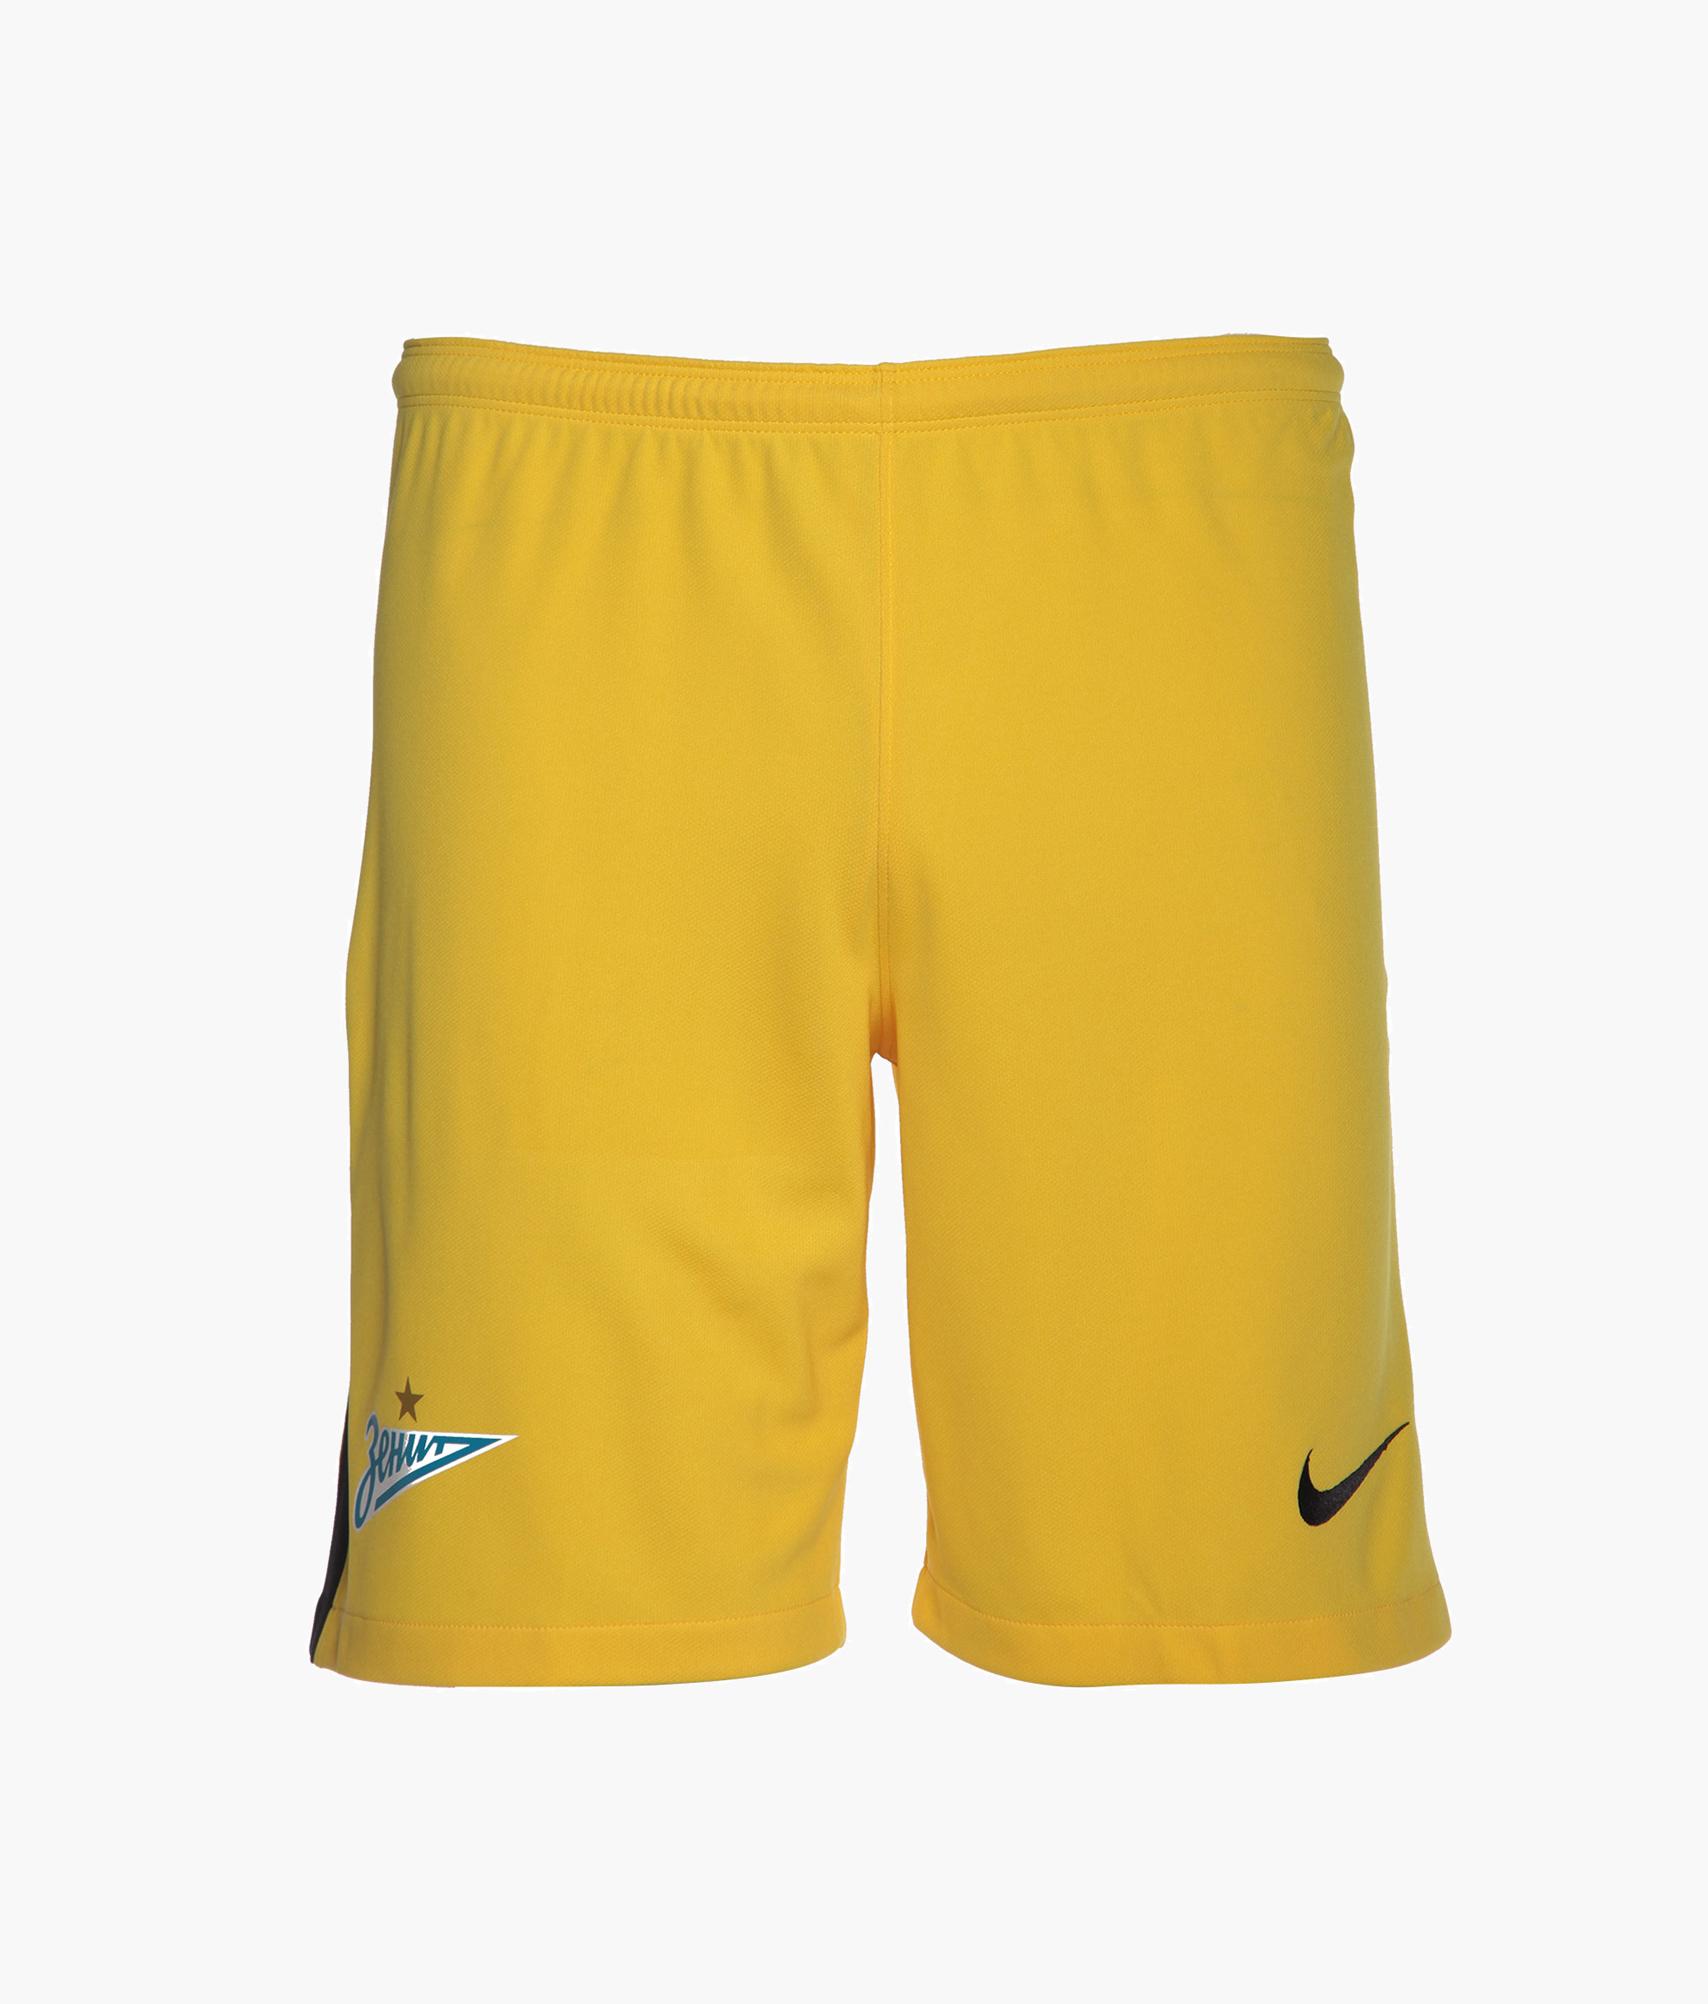 Шорты вратарские Nike сезона 2017/2018  Цвет-Желтый